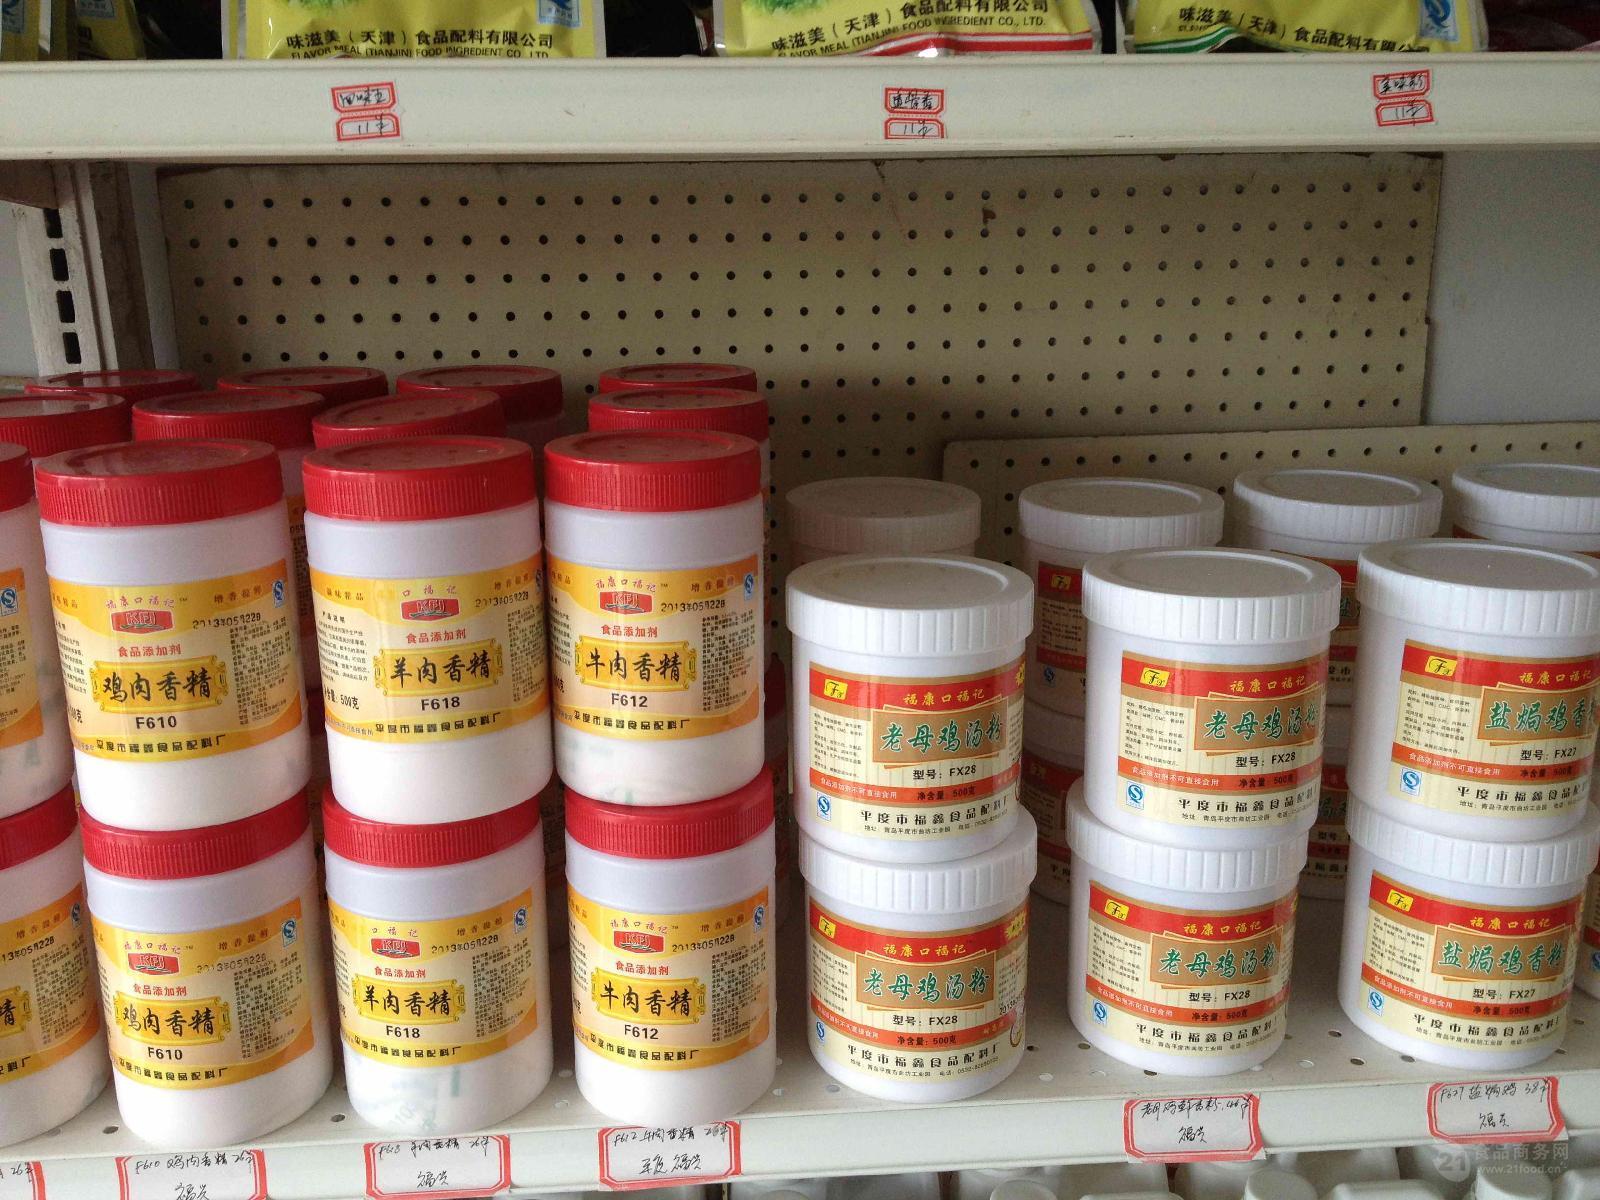 羊肉粉末香精生产厂家